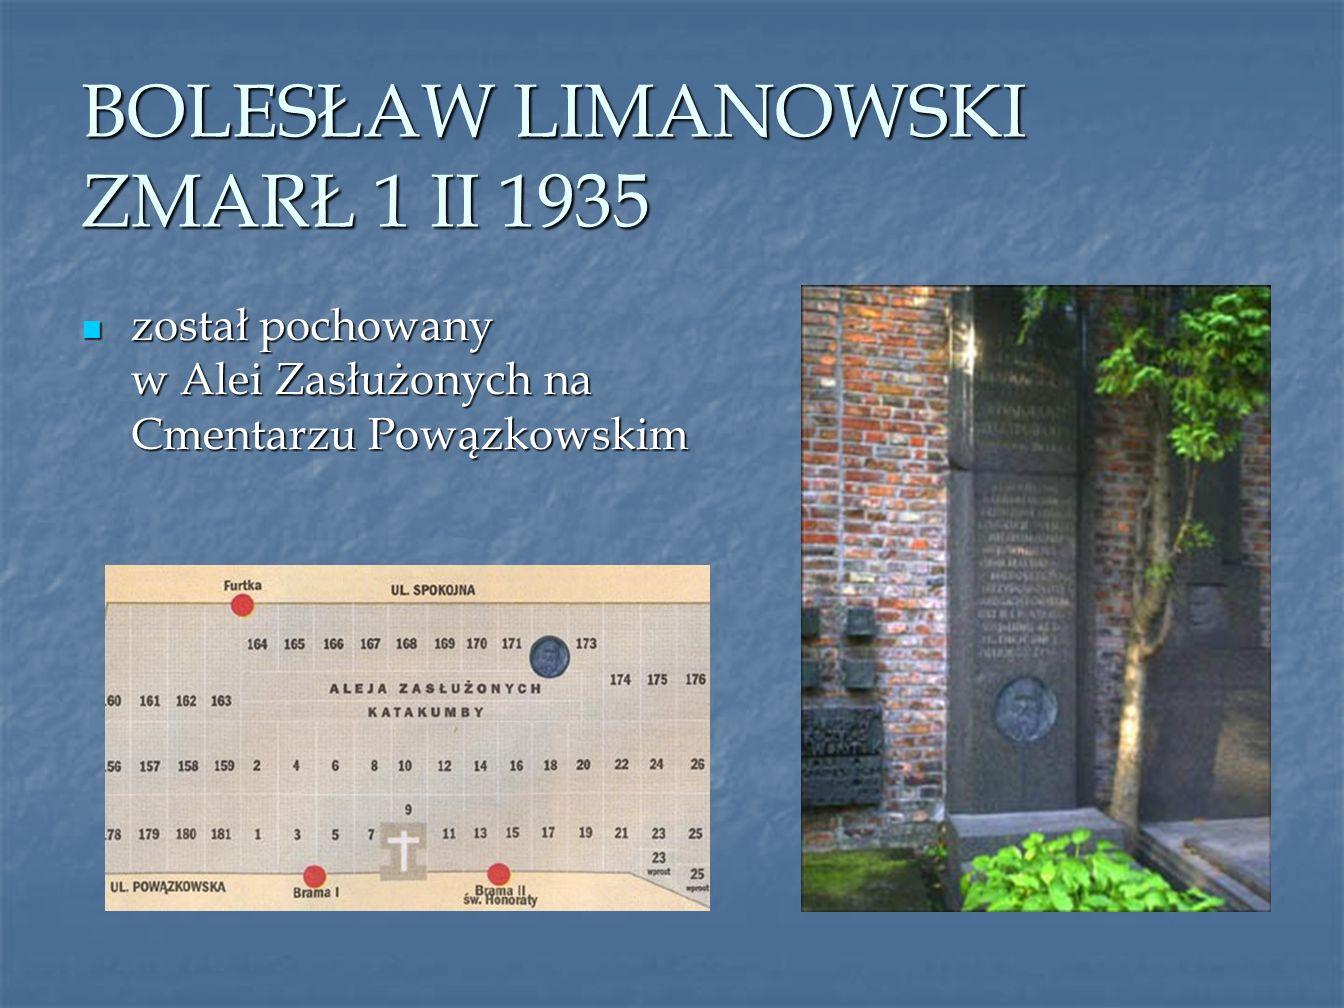 BOLESŁAW LIMANOWSKI ZMARŁ 1 II 1935